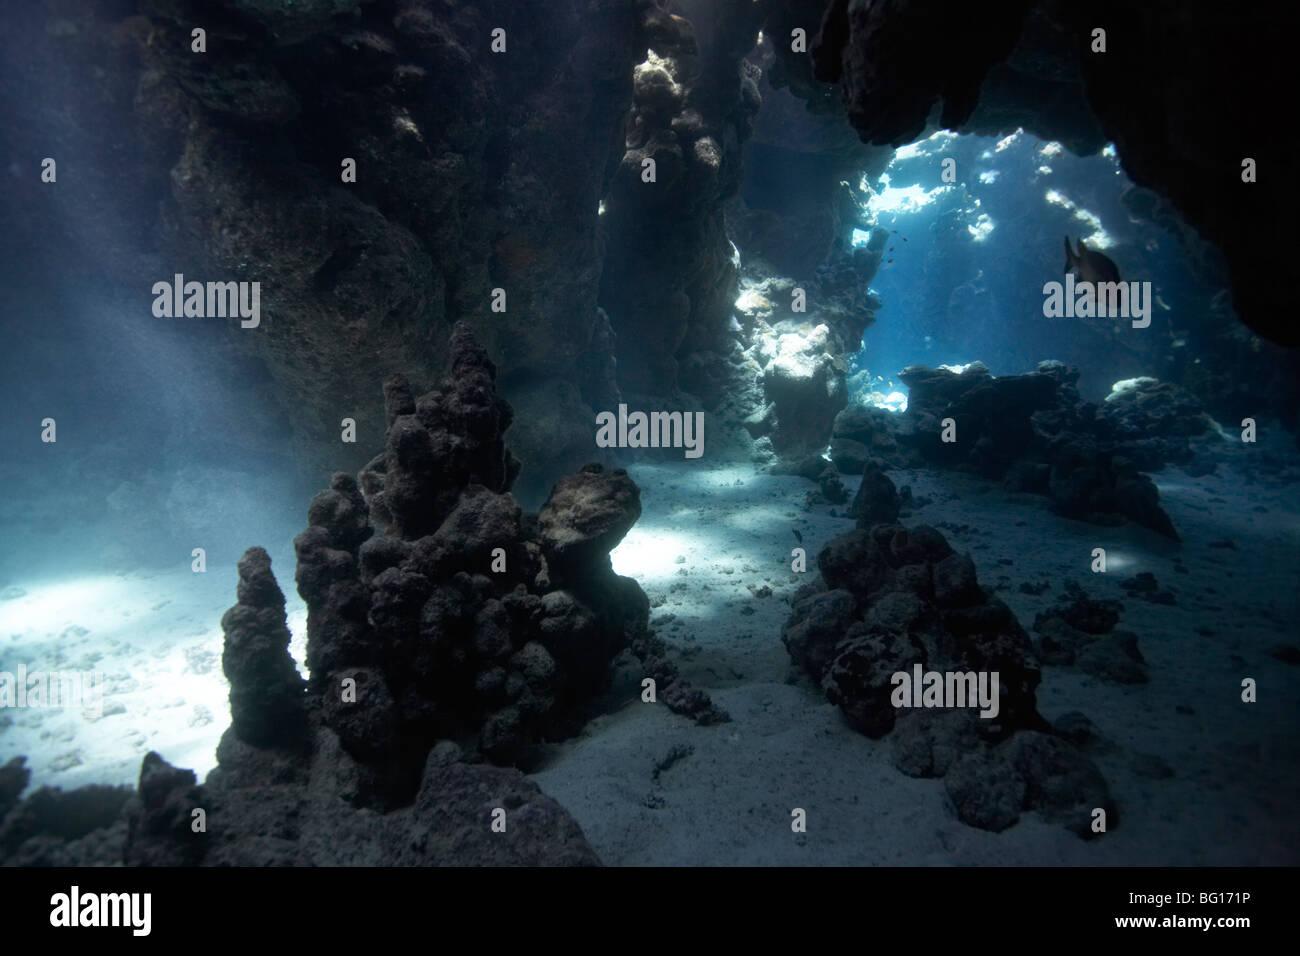 Underwater cave - Stock Image